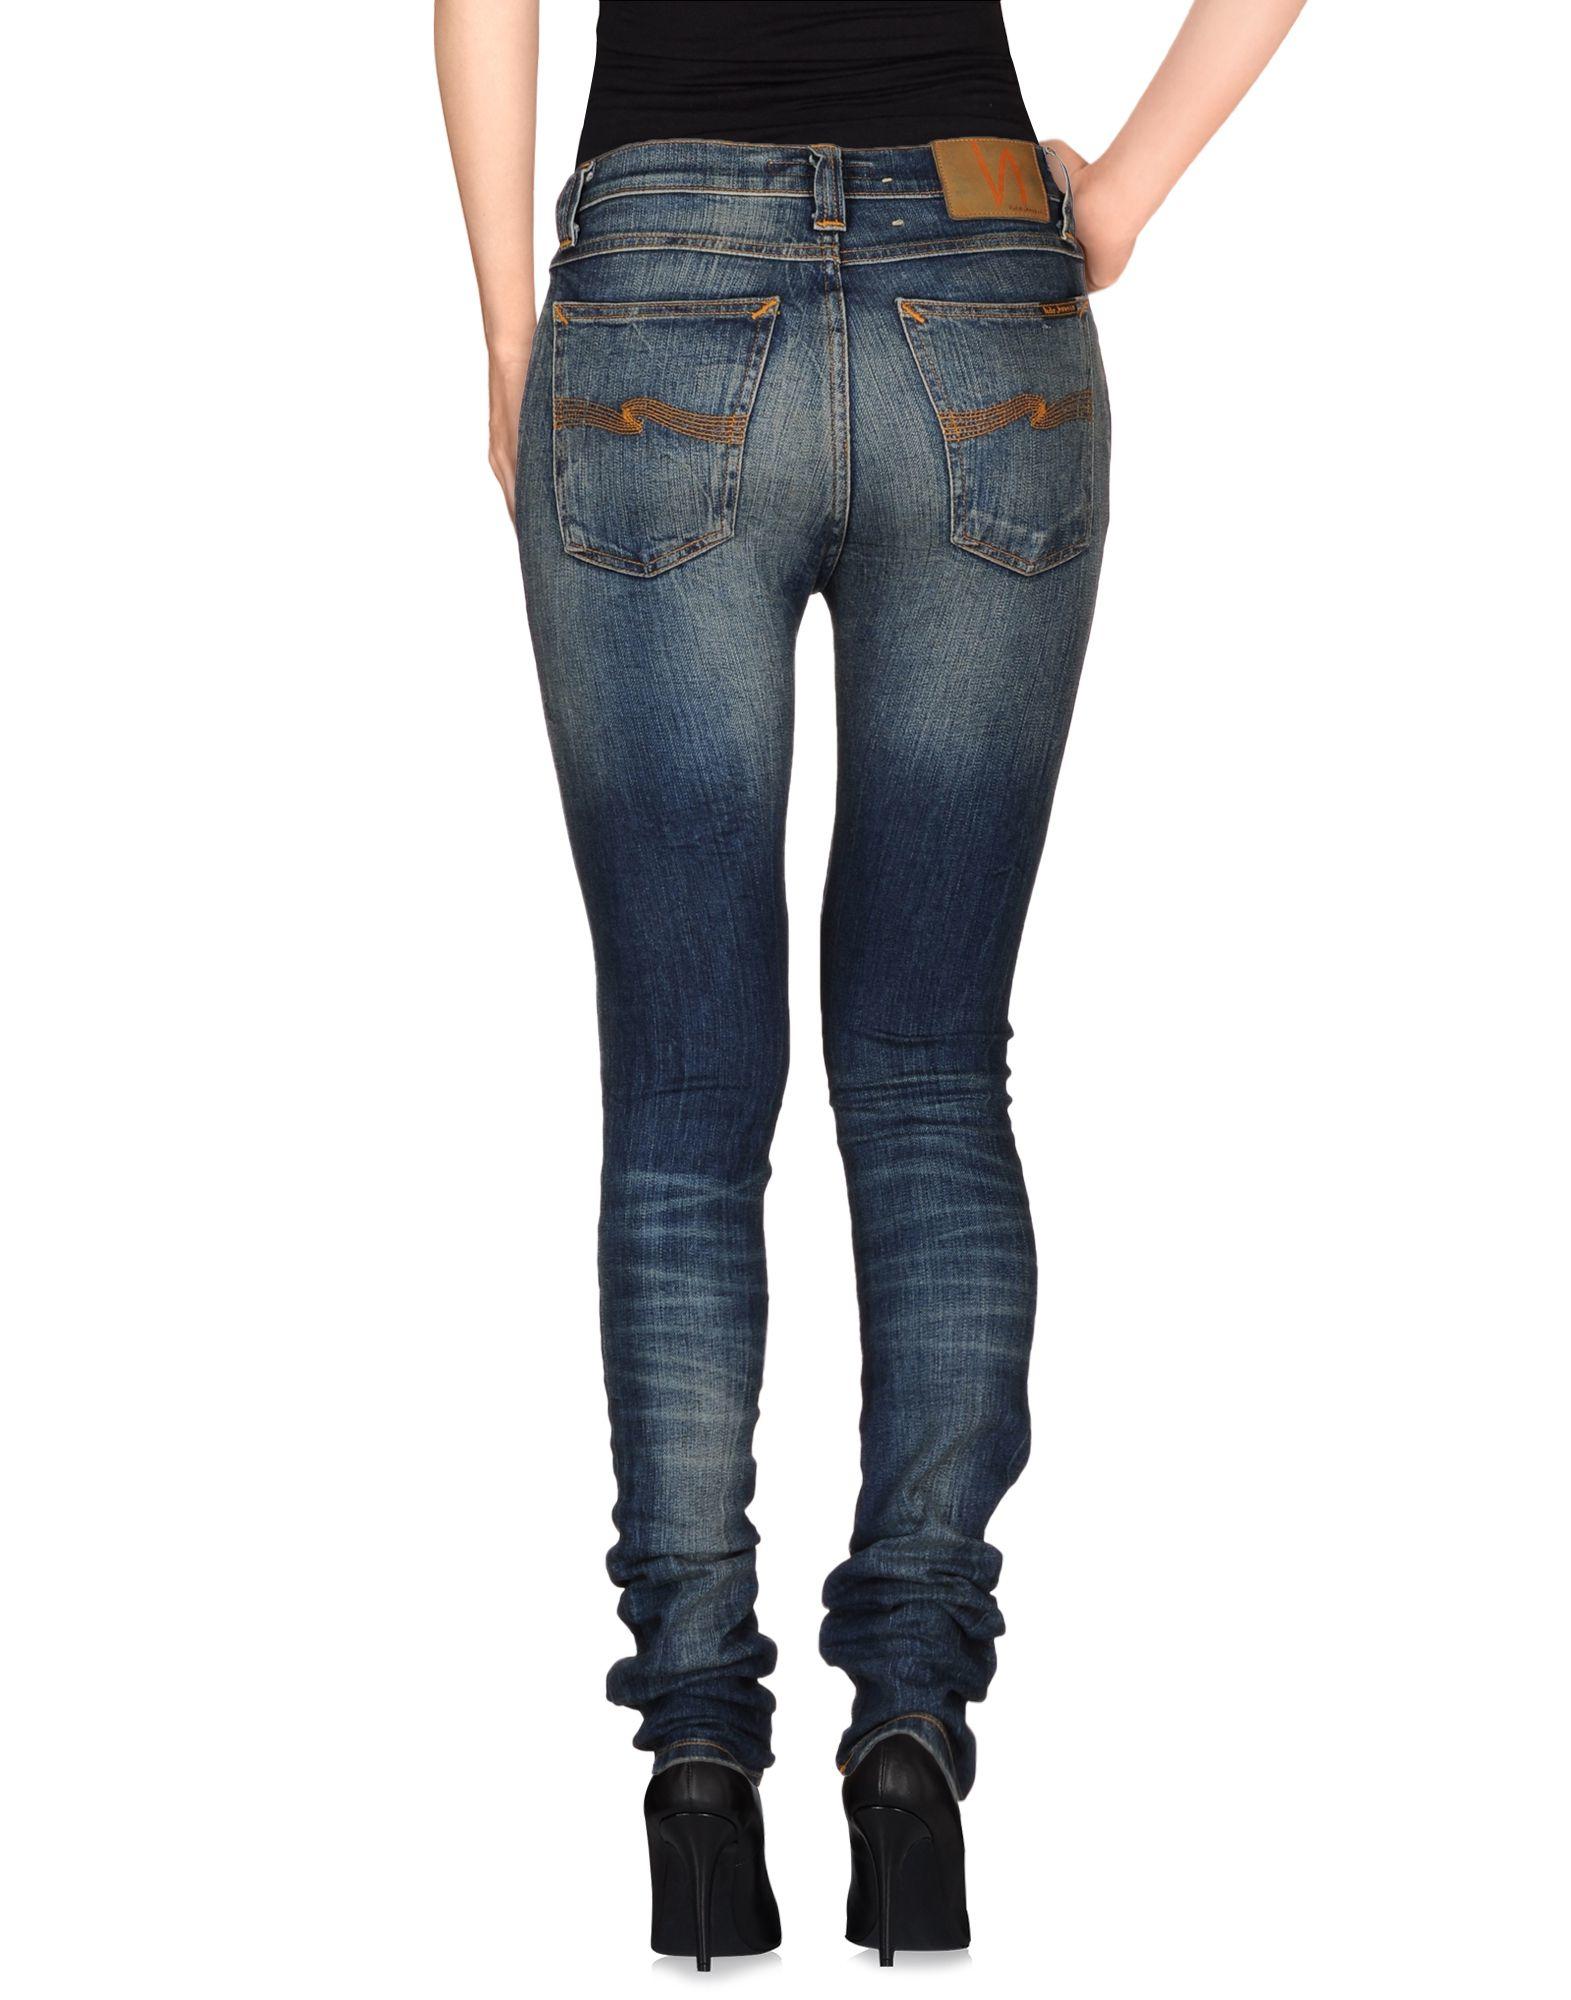 Lyst - Nudie Jeans Denim Trousers in Blue